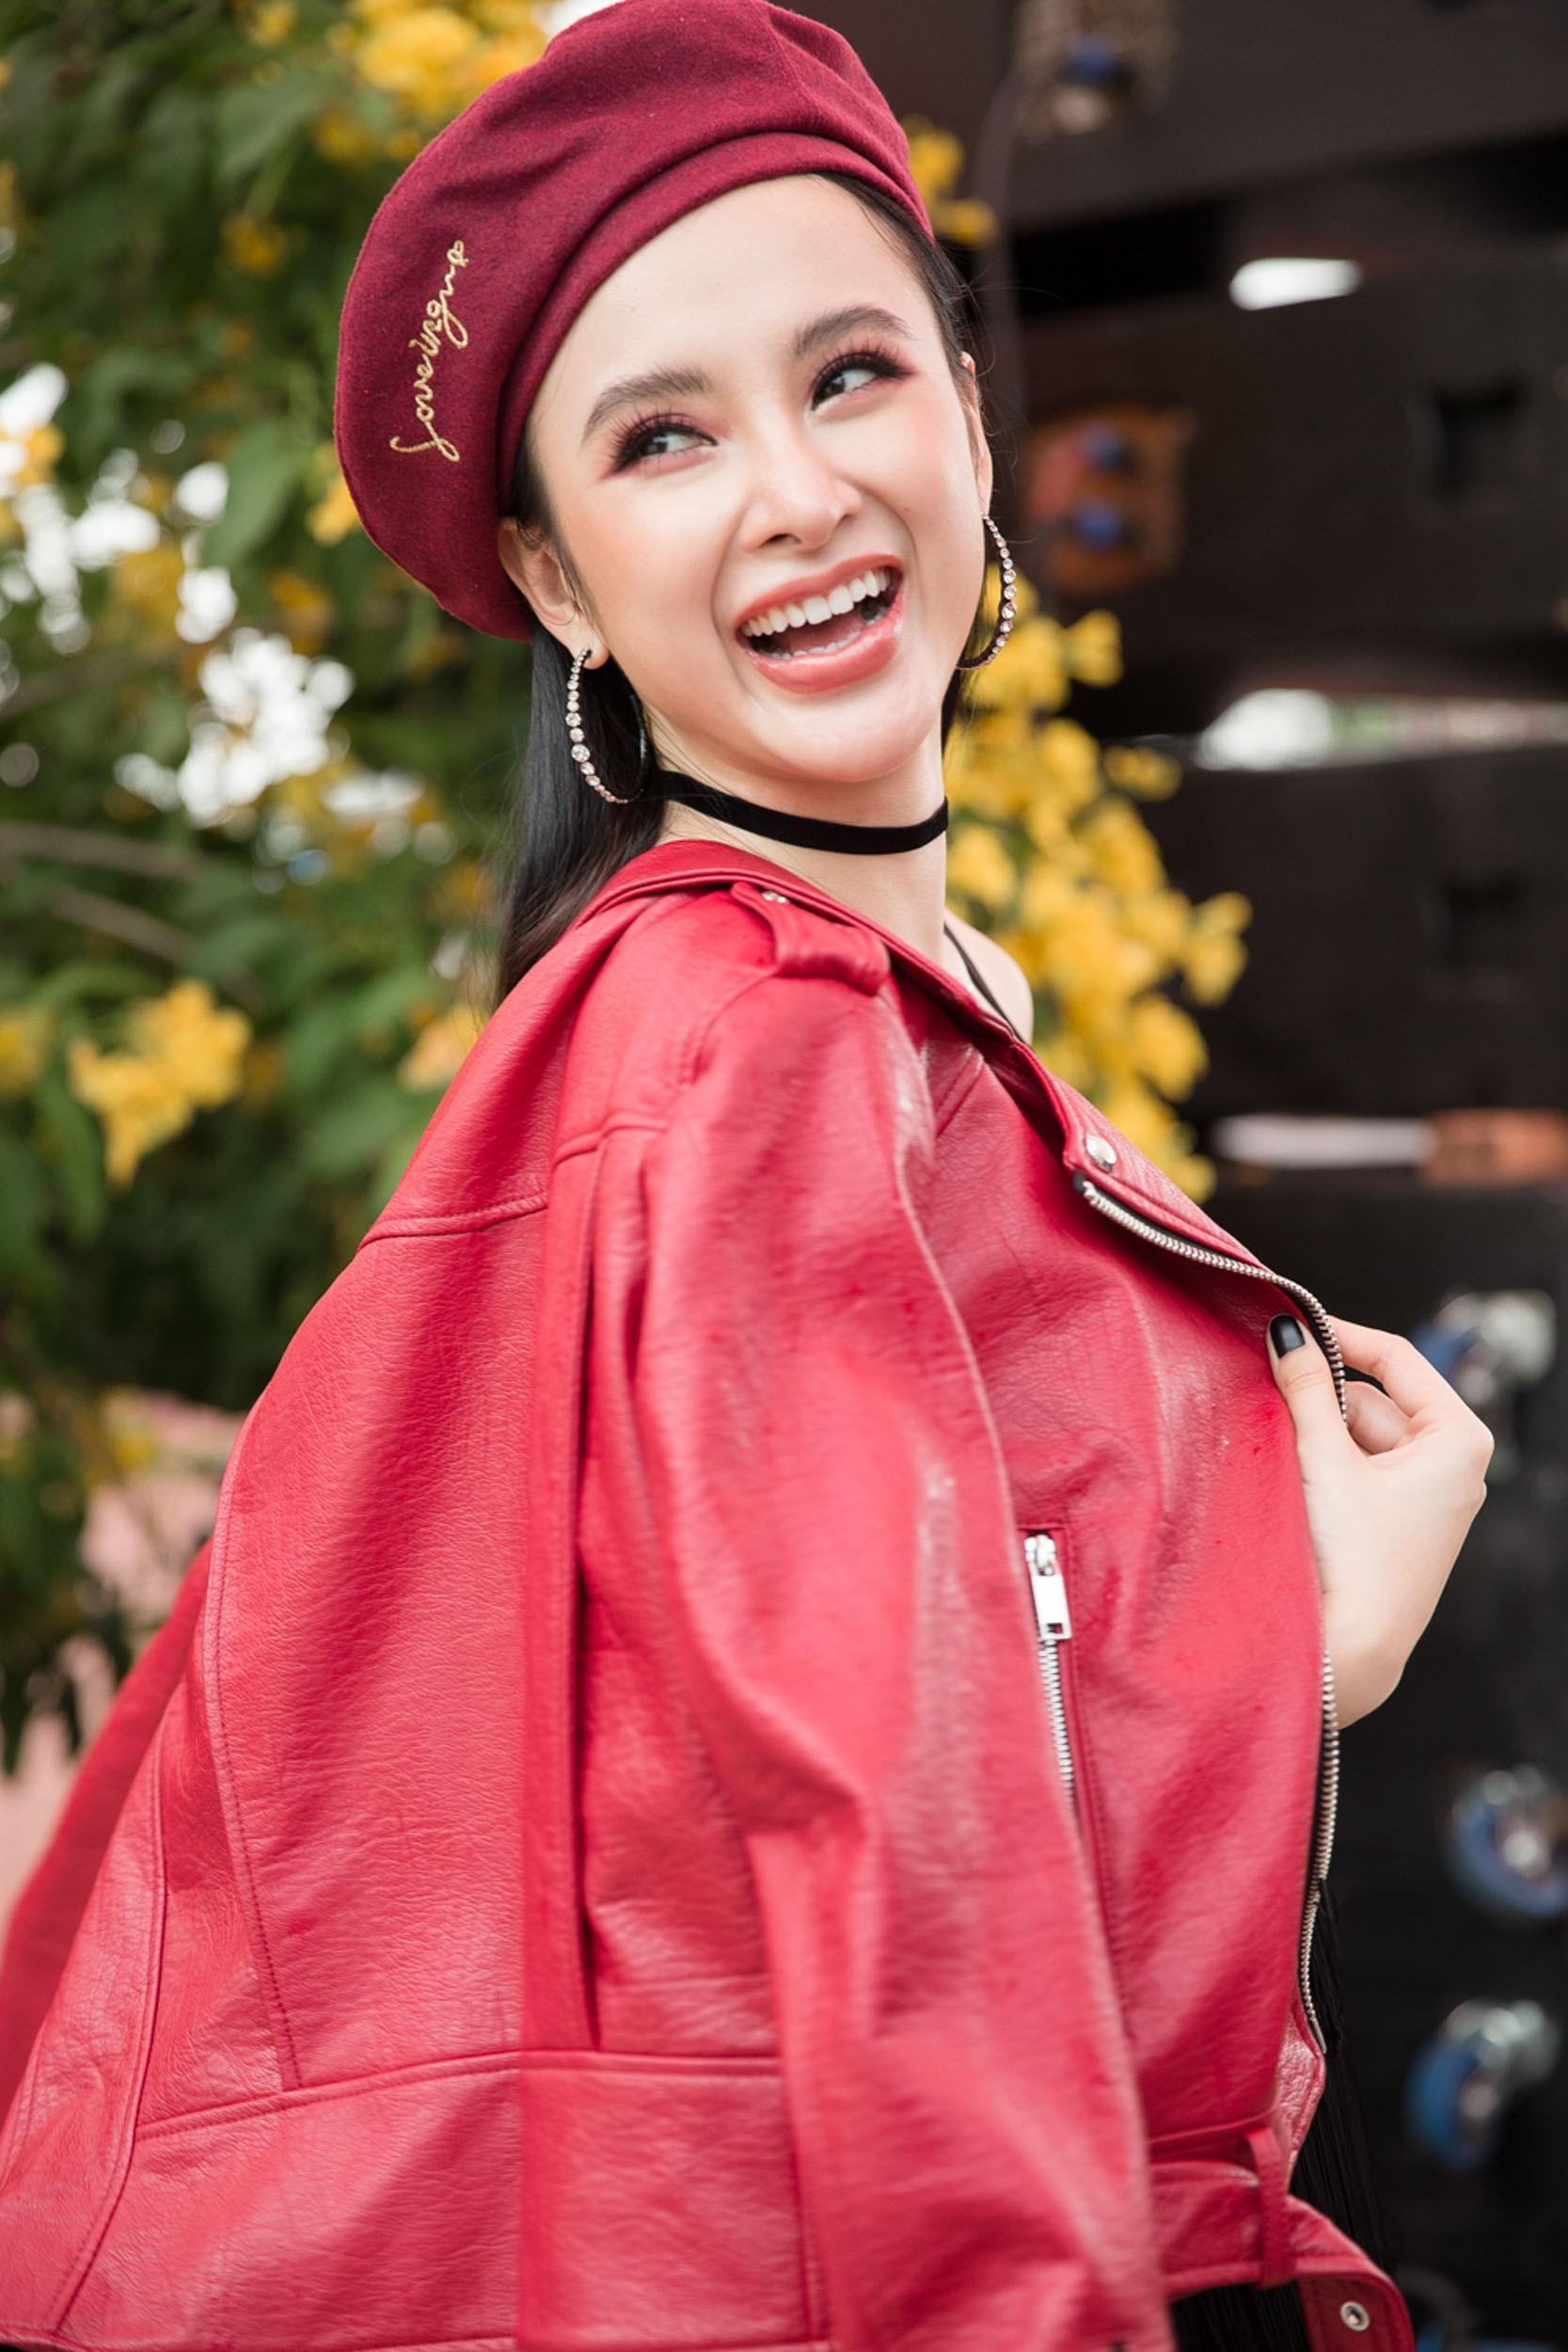 Hữu Vi khoá môi Angela Phương Trinh say đắm giữa trời mưa trước mặt khán giả - Ảnh 11.